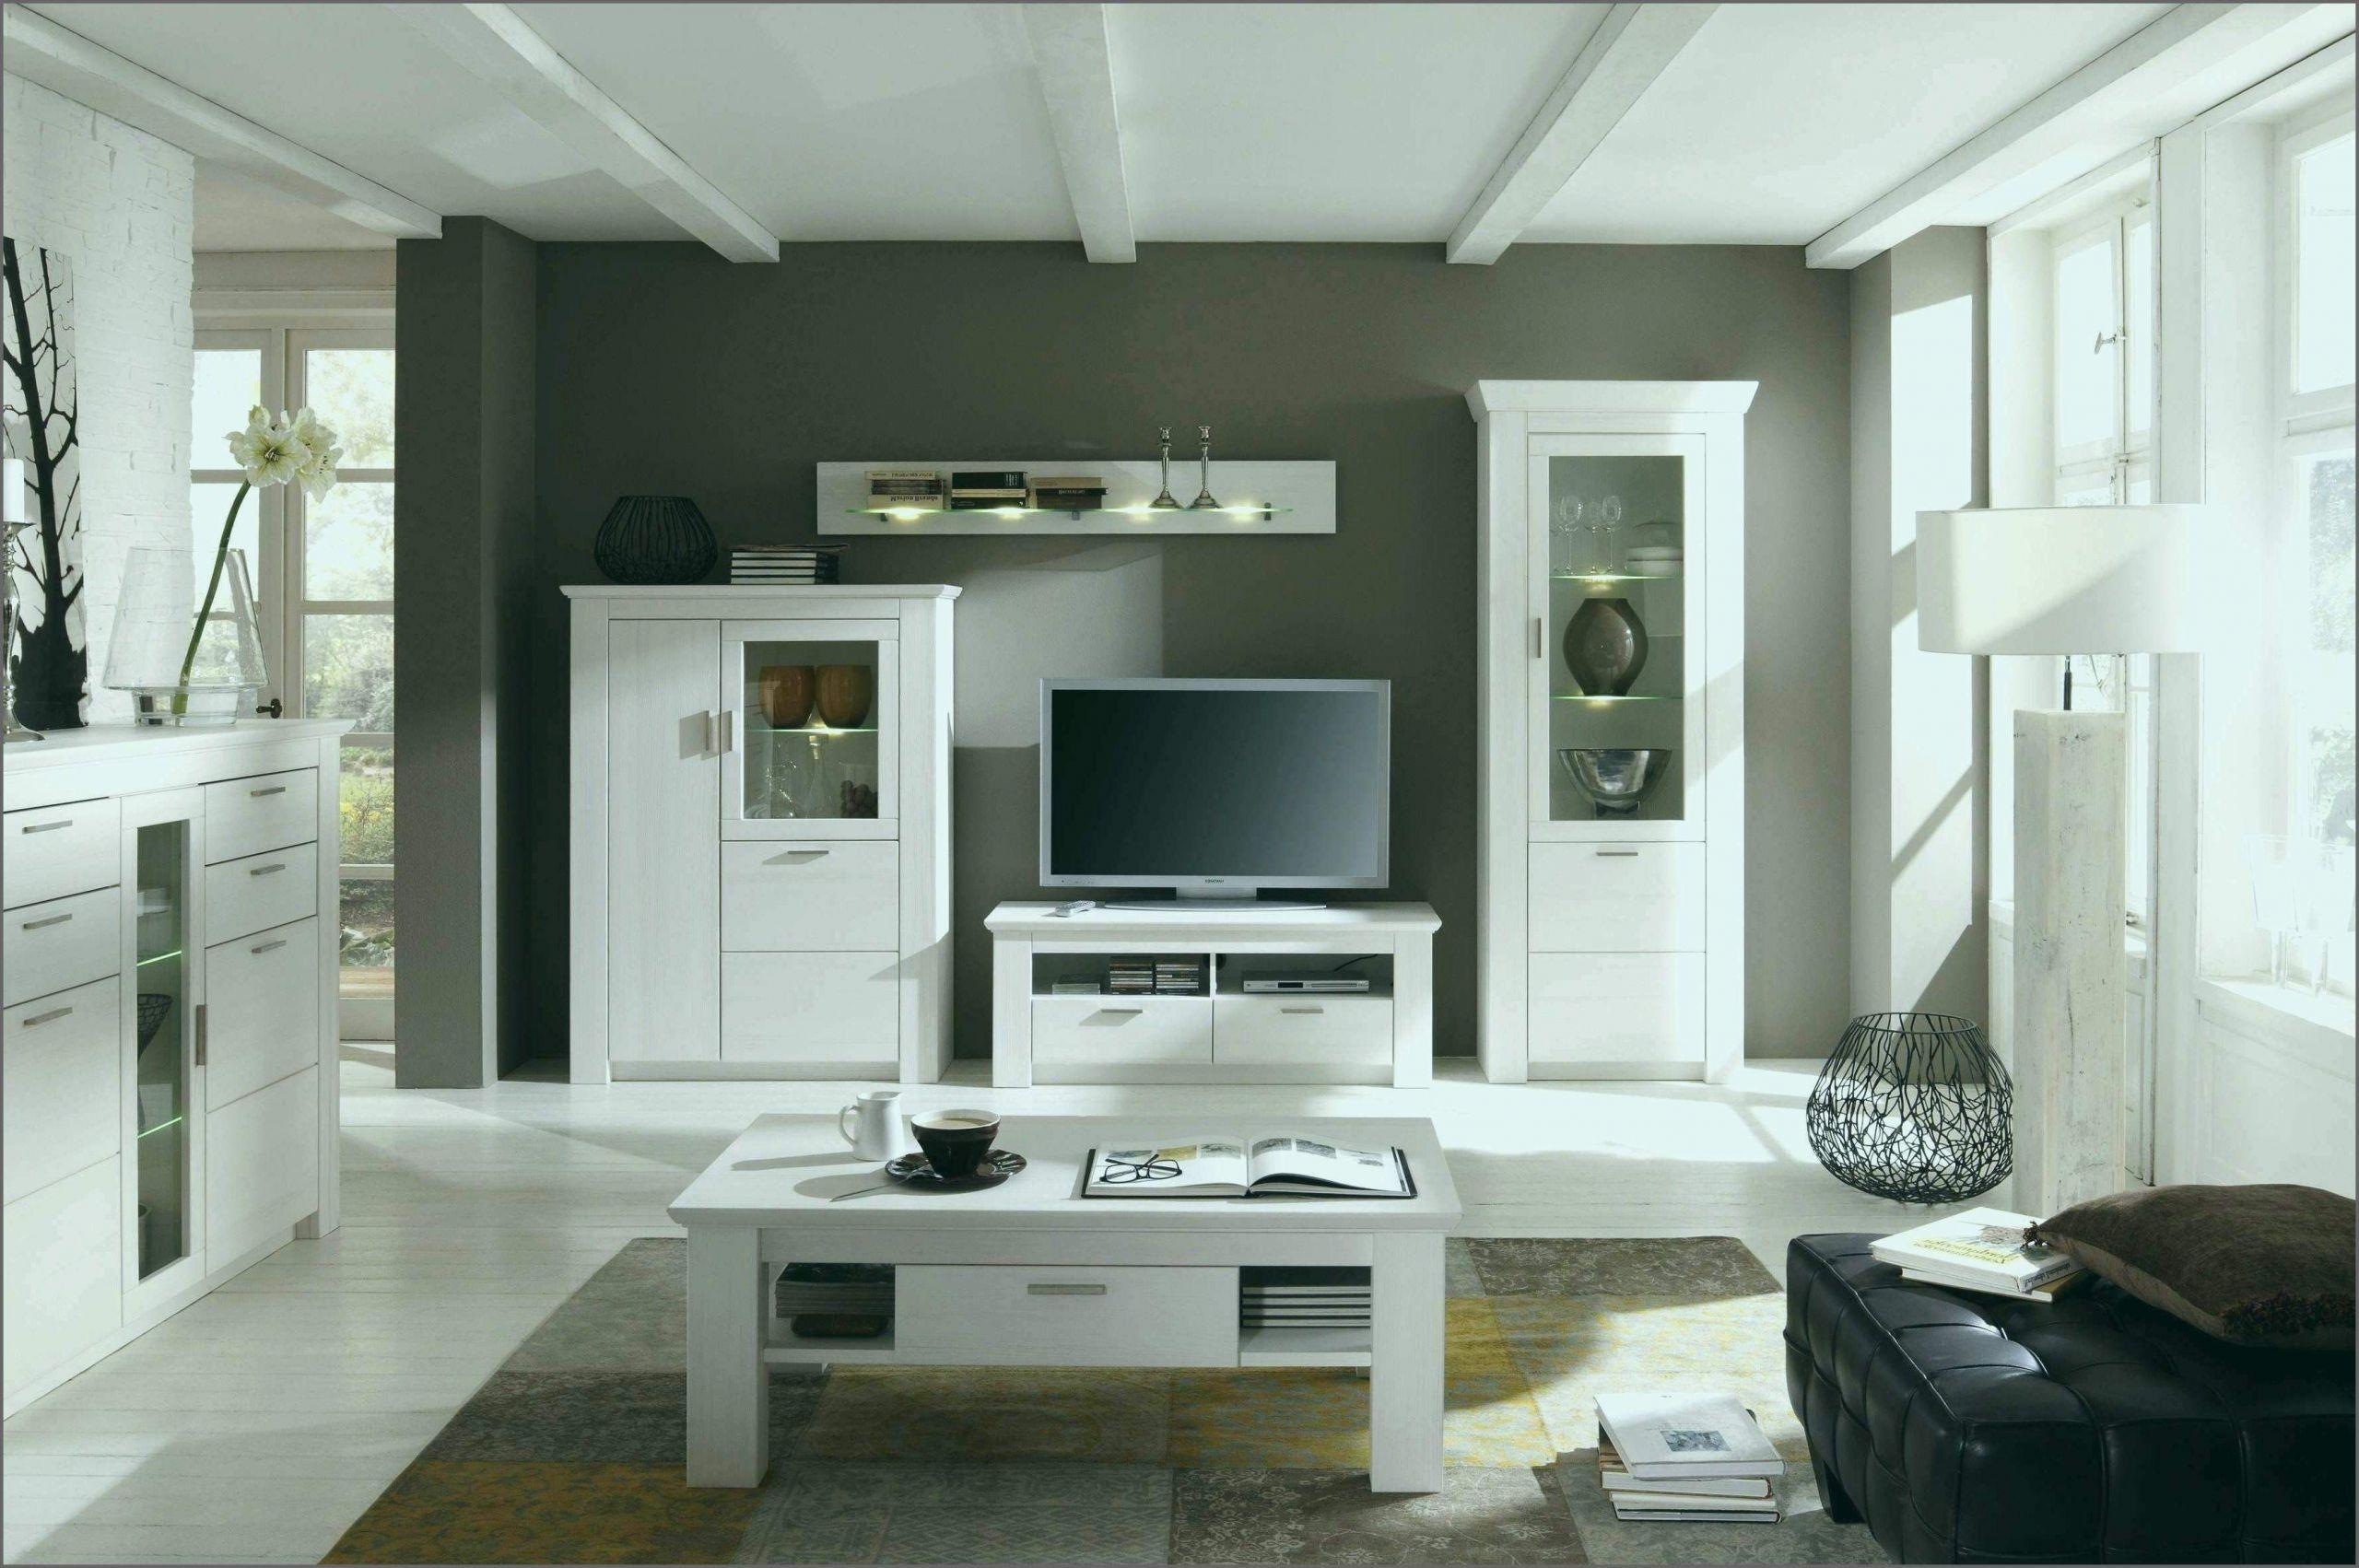 regalsysteme wohnzimmer elegant 30 exklusiv und wunderbar regalsysteme wohnzimmer holz of regalsysteme wohnzimmer